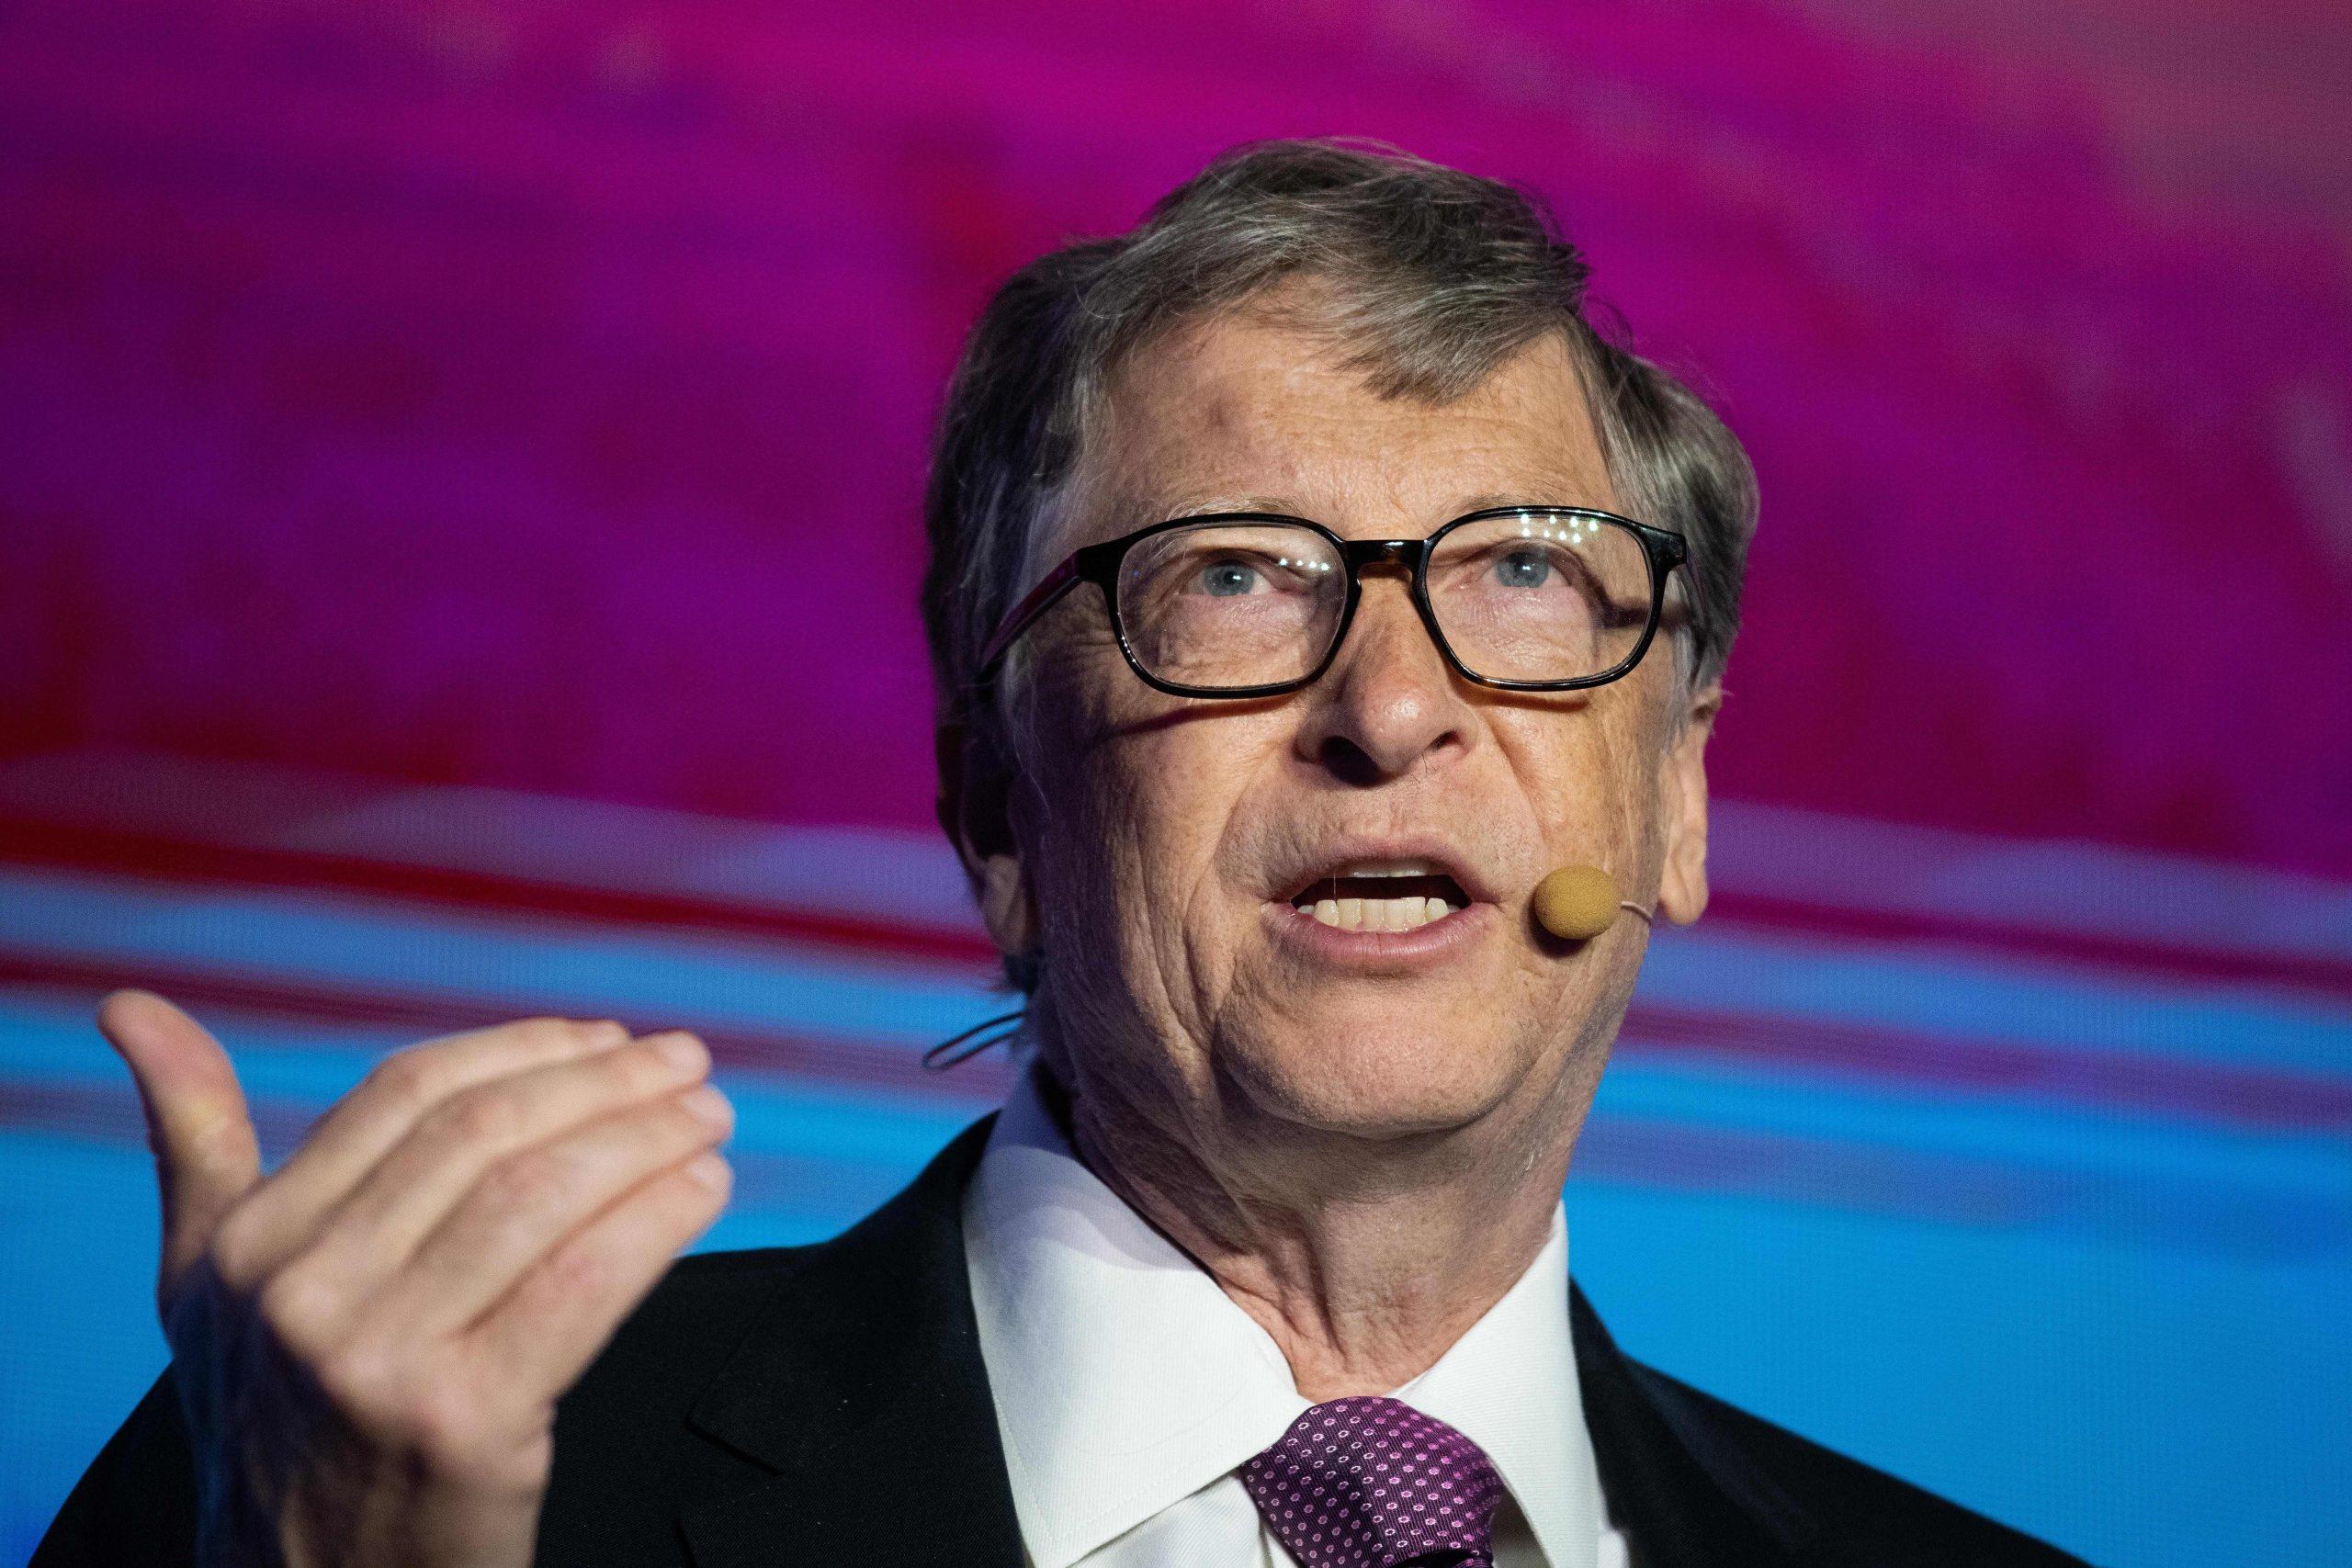 Bill Gates warnte: Die Welt muss sich auf eine globale Pandemie mit Millionen Toten vorbereiten